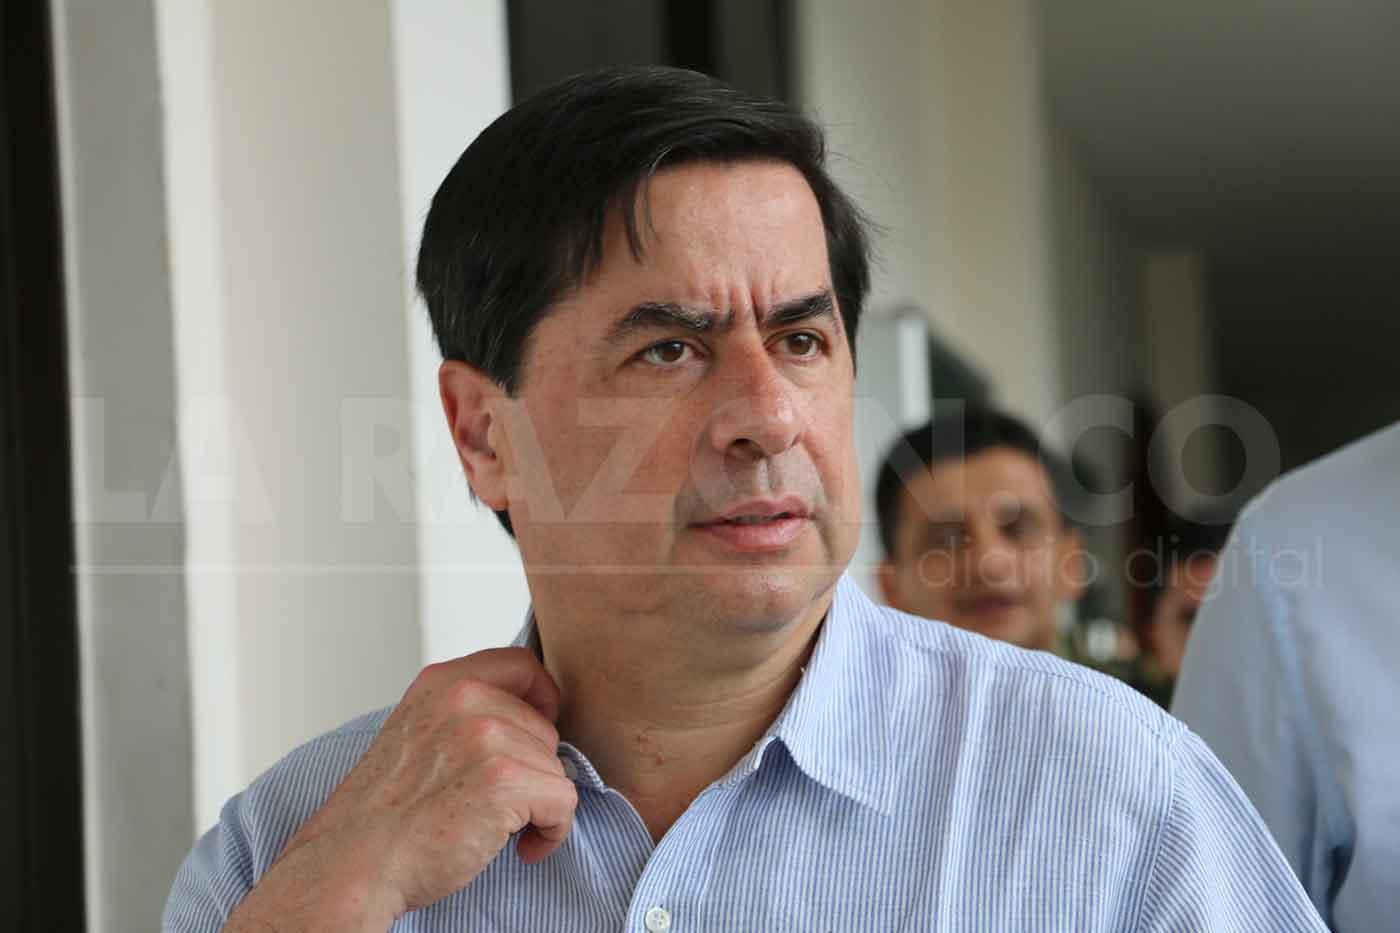 Ministro del interior juan fernando cristo larazon co for Nuevo ministro del interior 2016